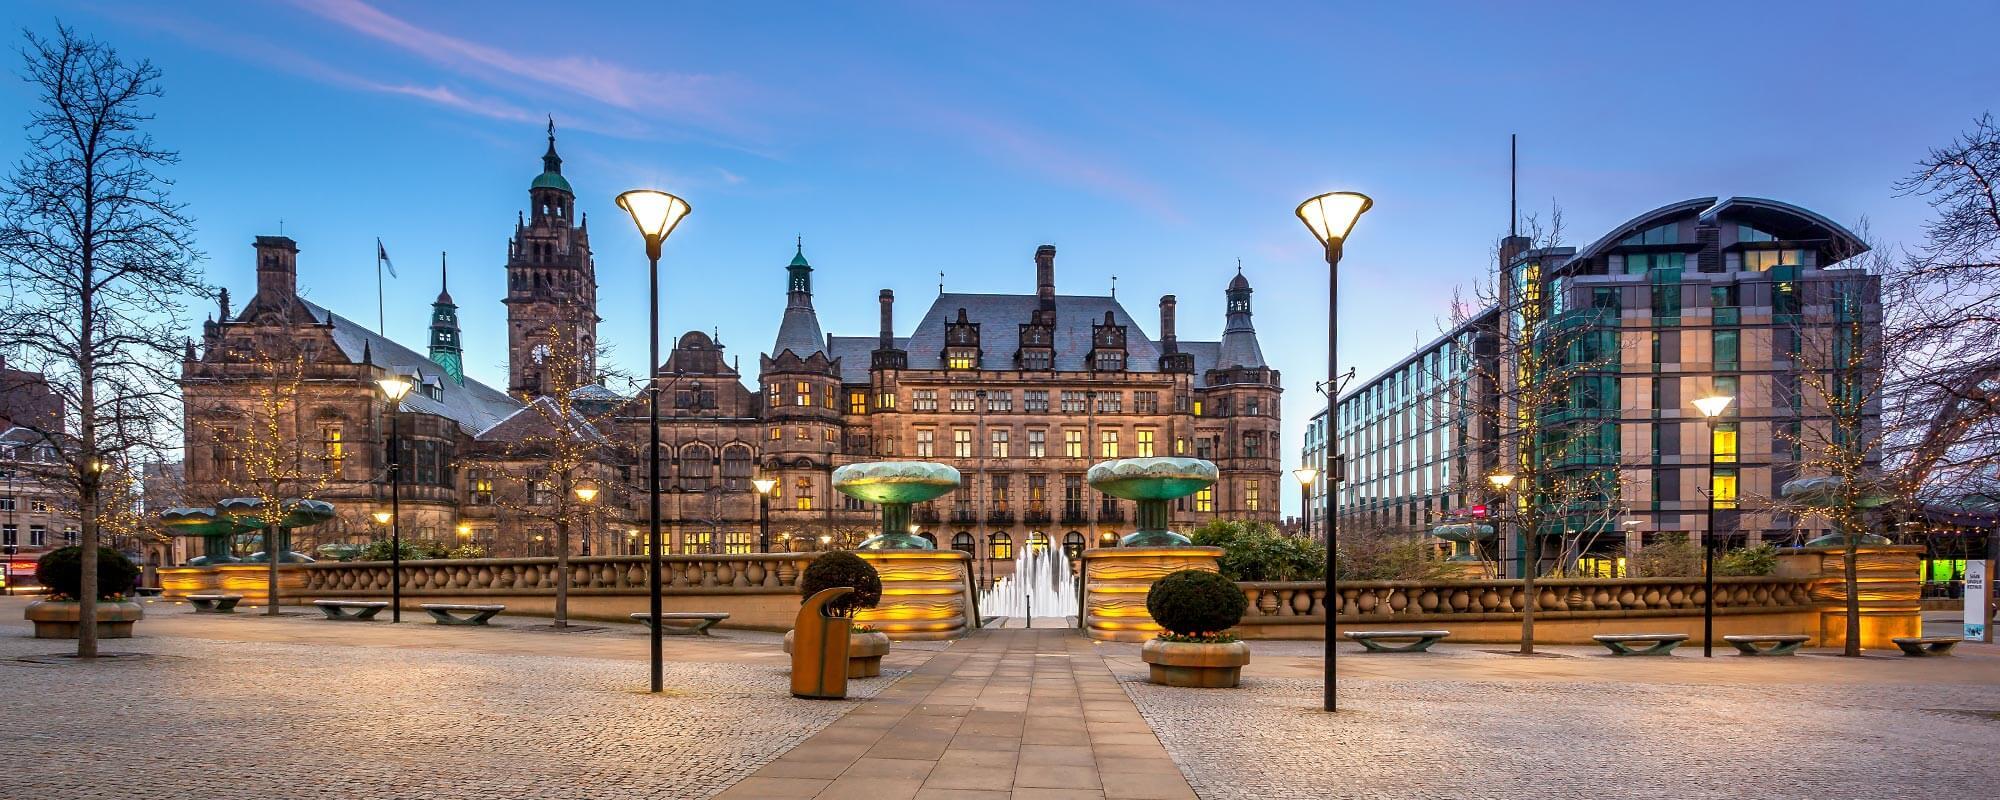 Qué ver en Sheffield, Reino Unido (UK): Trabajar o turismo en sheffield